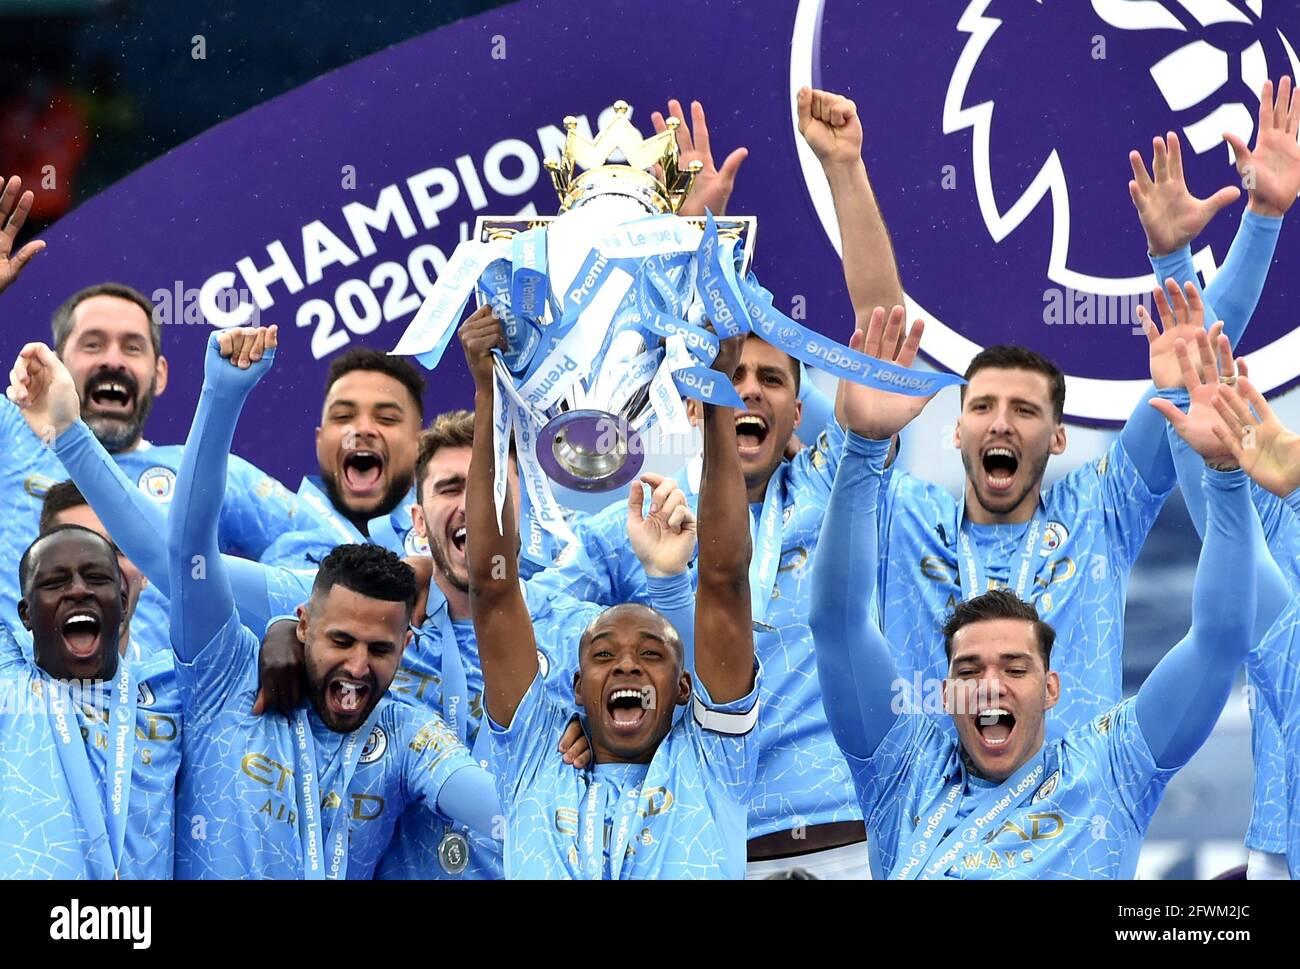 Fernandinho di Manchester City solleva il trofeo dopo la partita della Premier League all'Etihad Stadium di Manchester. Data immagine: Domenica 23 maggio 2021. Foto Stock